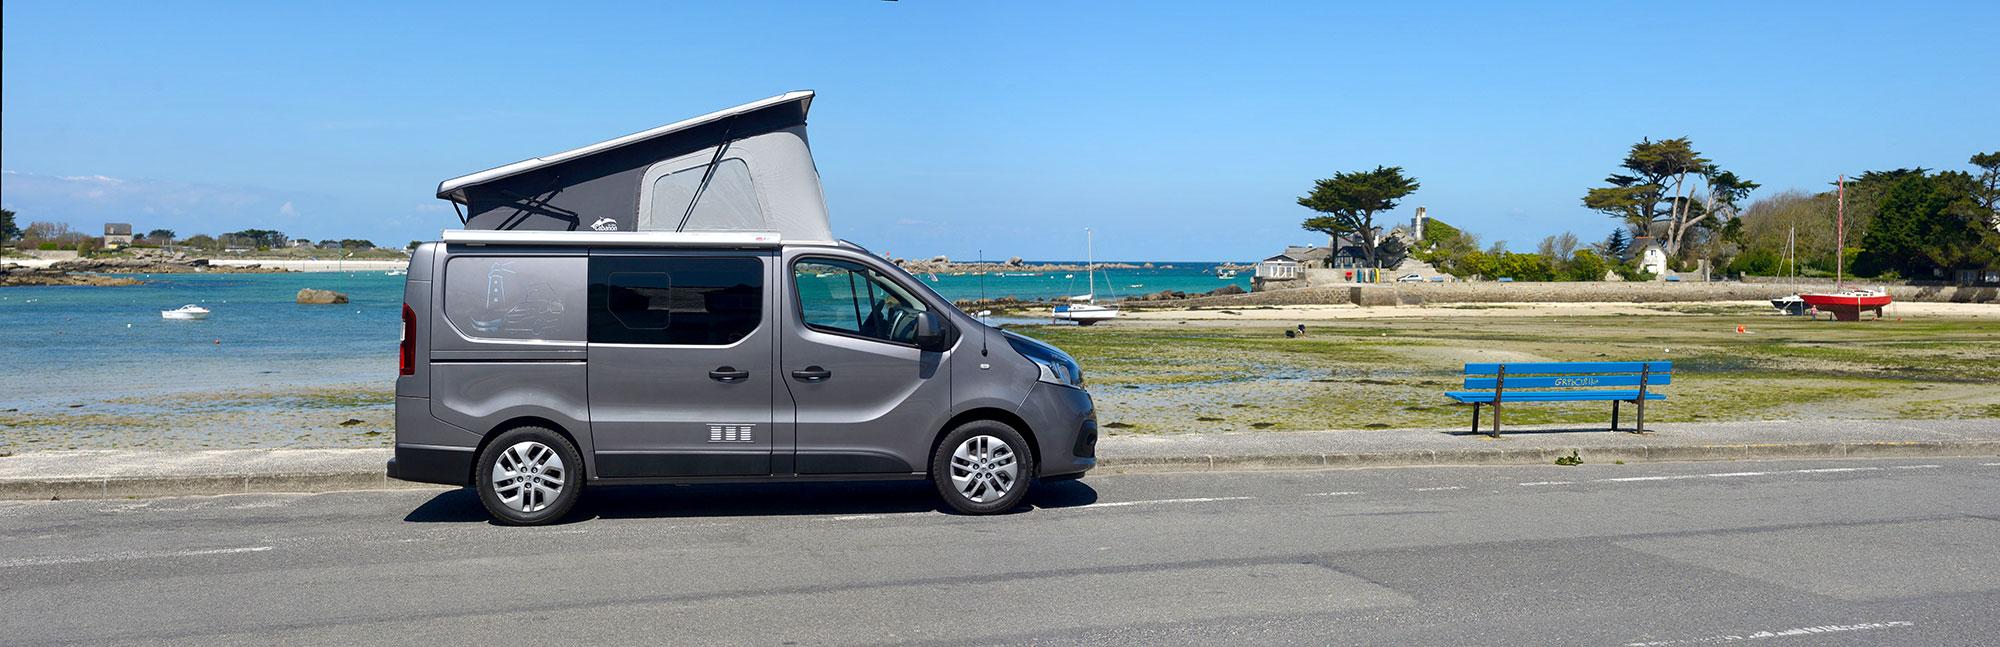 Exposant 2019 : Glénan Concept Cars